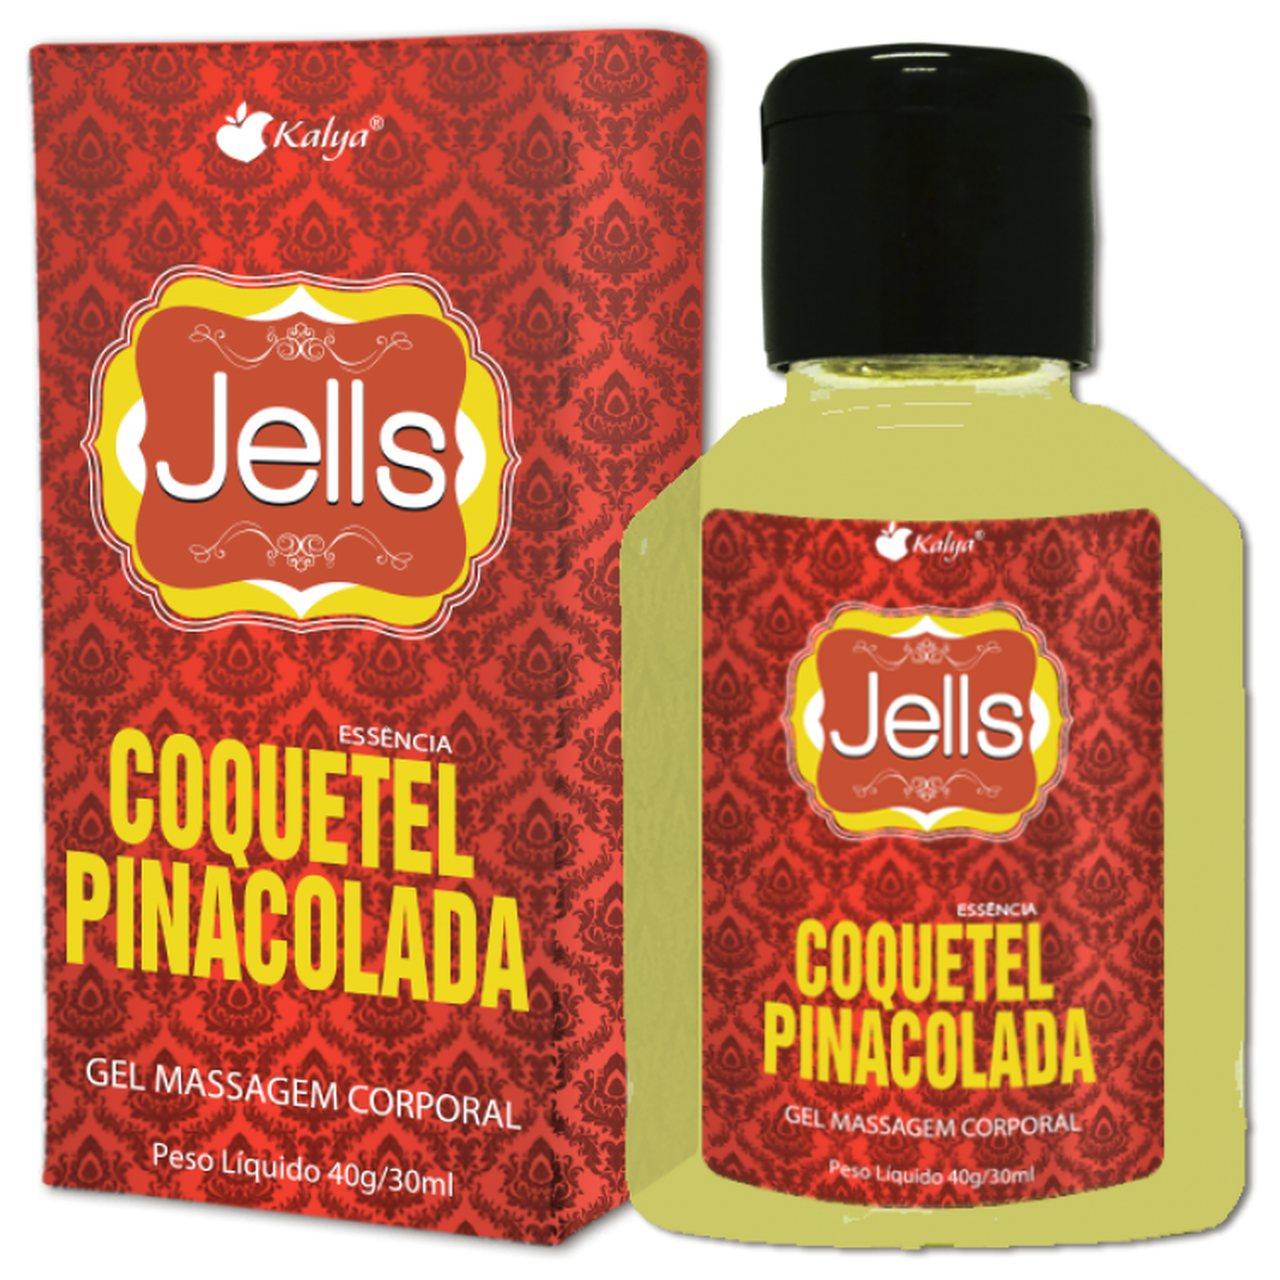 Jells Beijável com Sabor de Pina Colada e Efeito Quente - 30ml